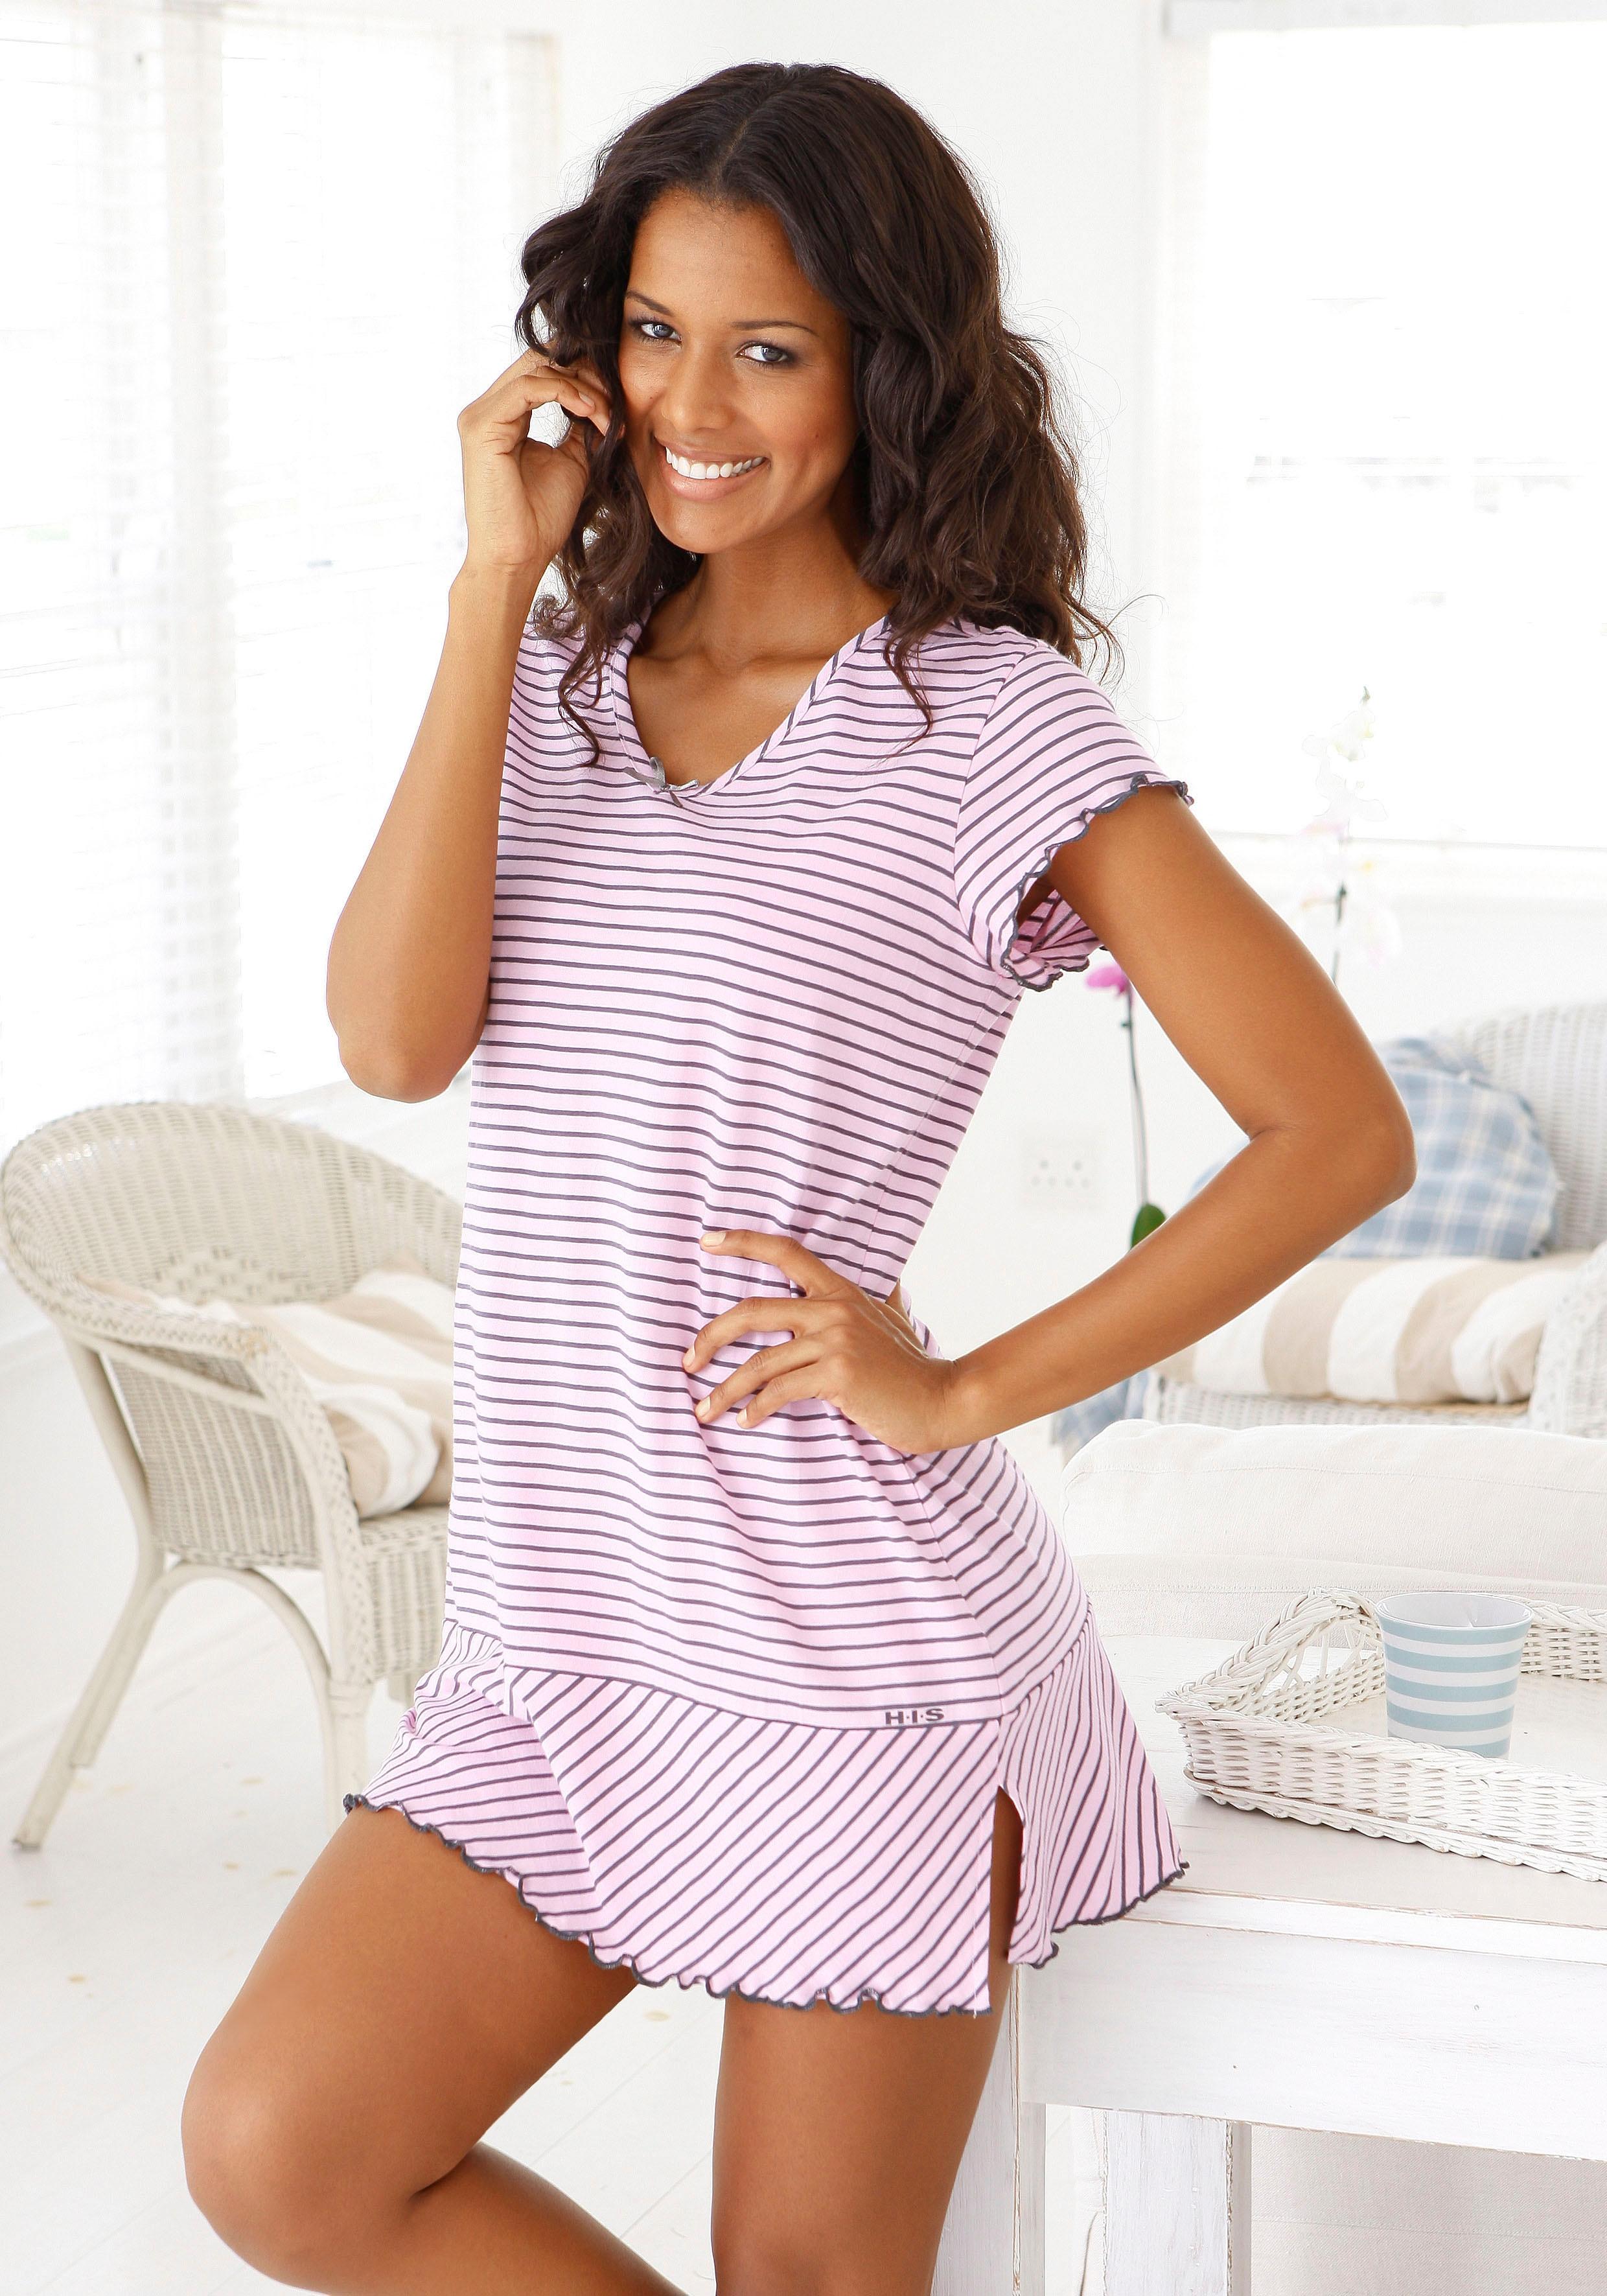 Op zoek naar een H.I.S nachthemd in leuke streep-look met gekrulde randen? Koop online bij Lascana